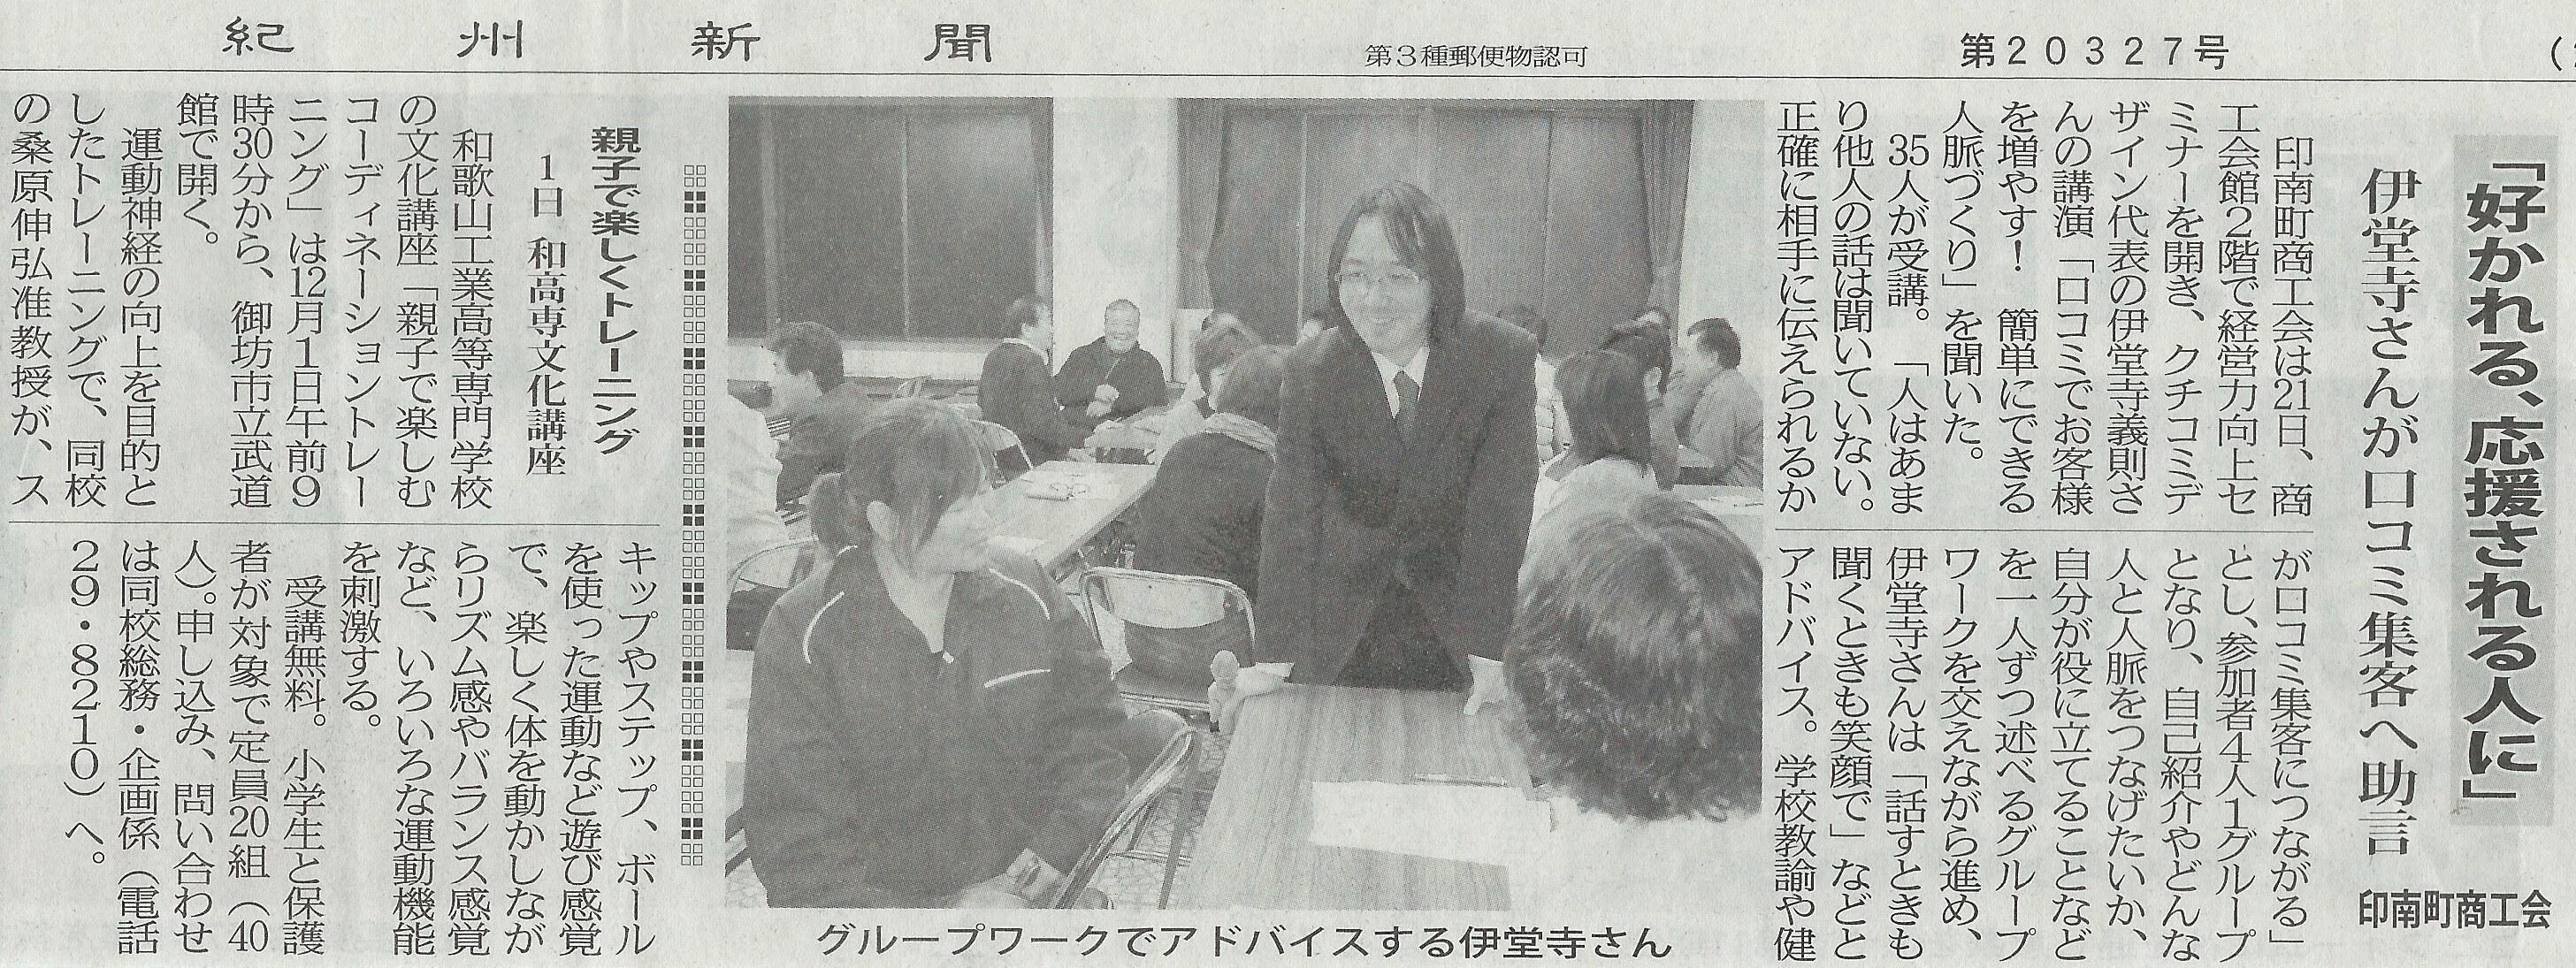 伊堂寺義則 メディア掲載 紀州新聞